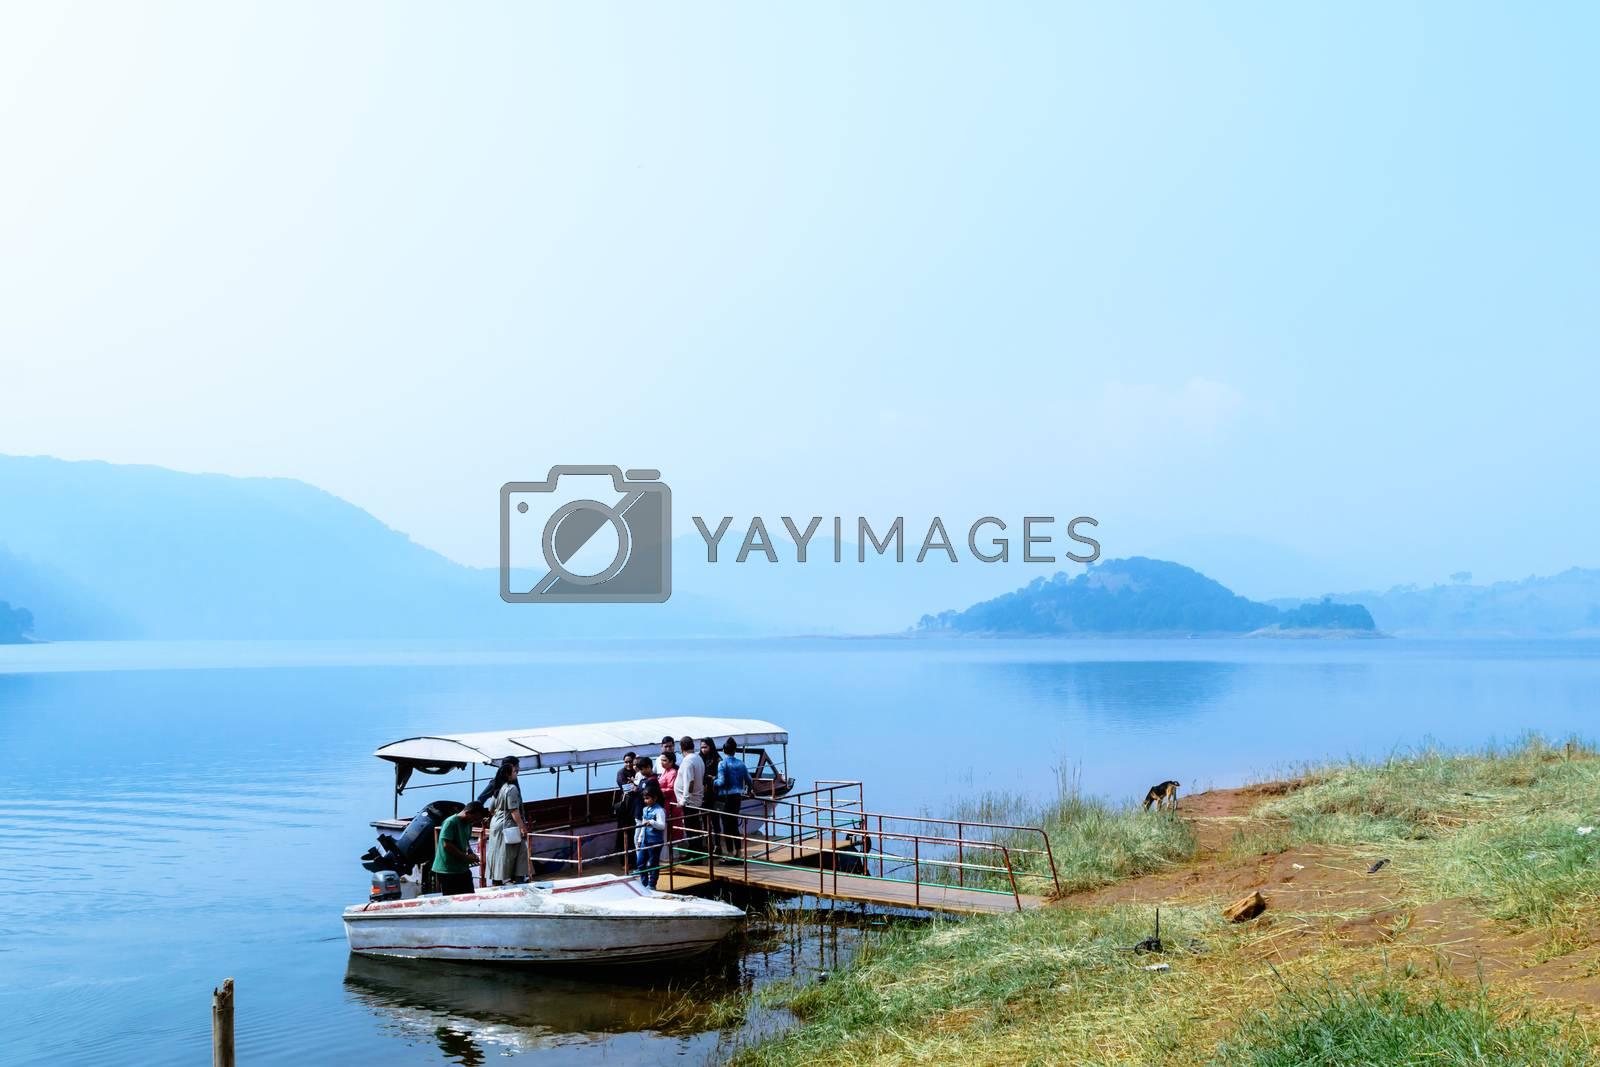 Umiam lake, shillong, Assam, India, December 15, 2017: Indian tourists people enjoying on travel holiday cruise boat tour.